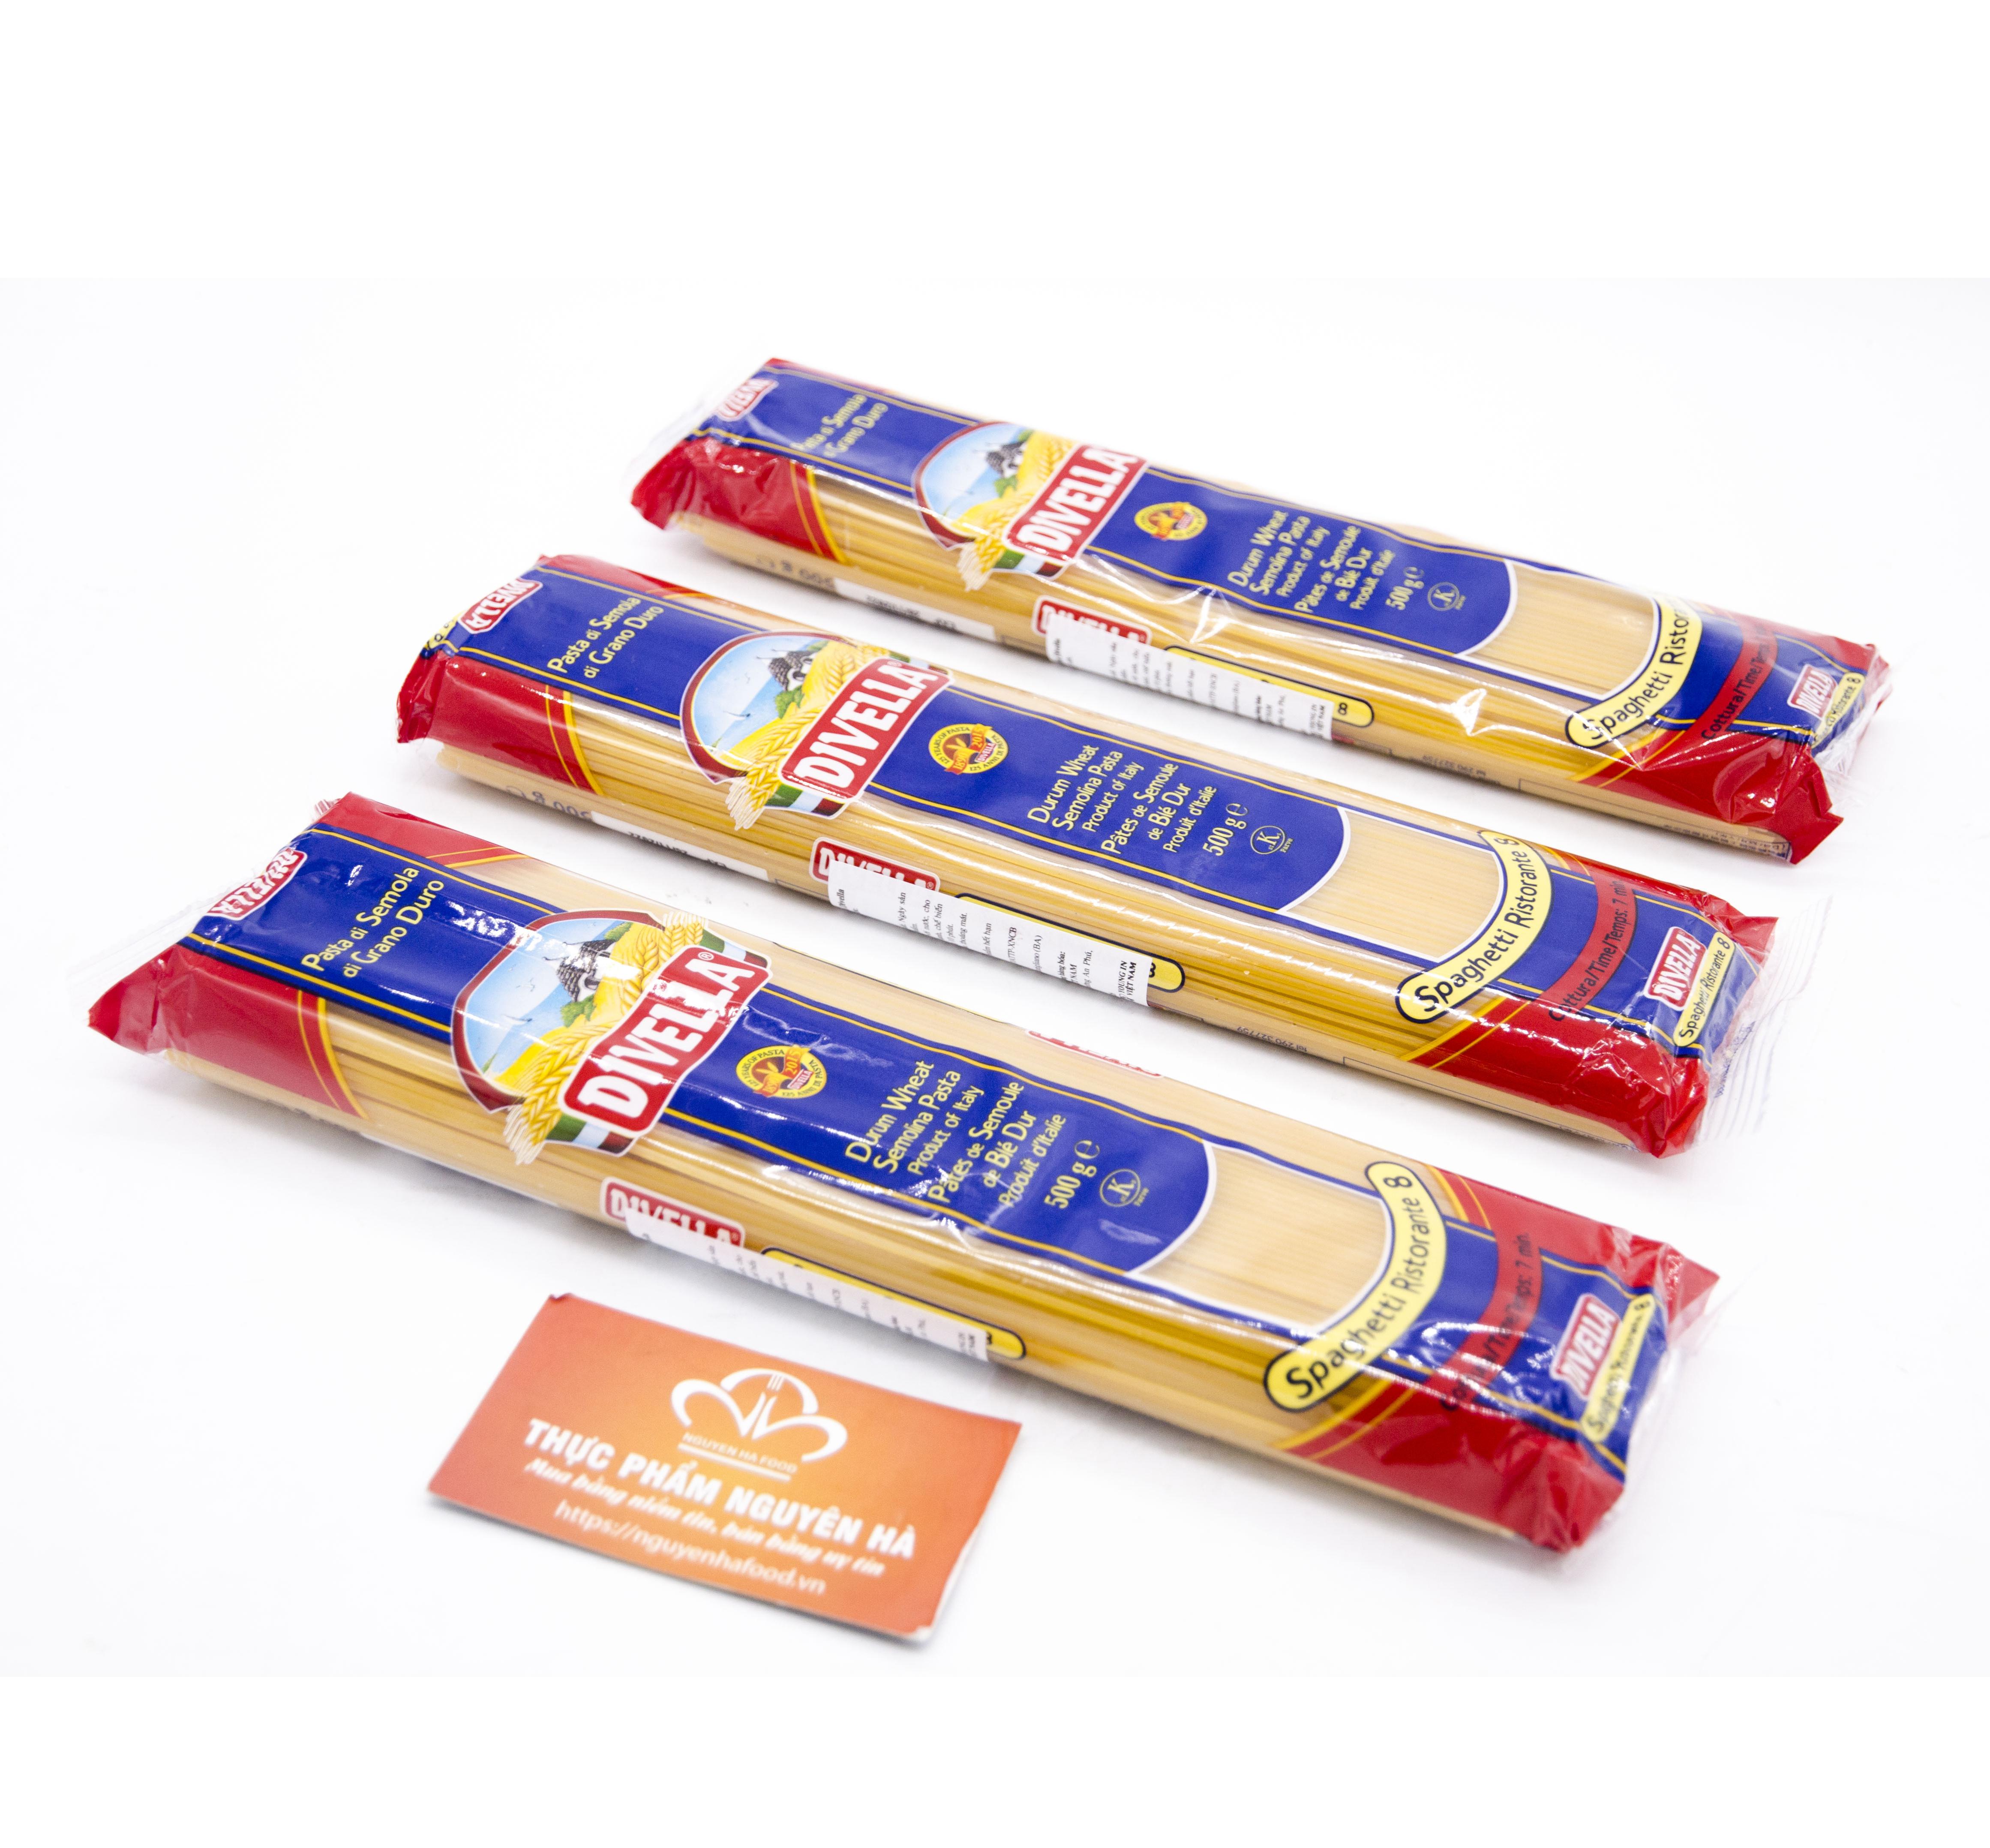 mi-soi-y-spaghetti-divella-08-500-gram-4